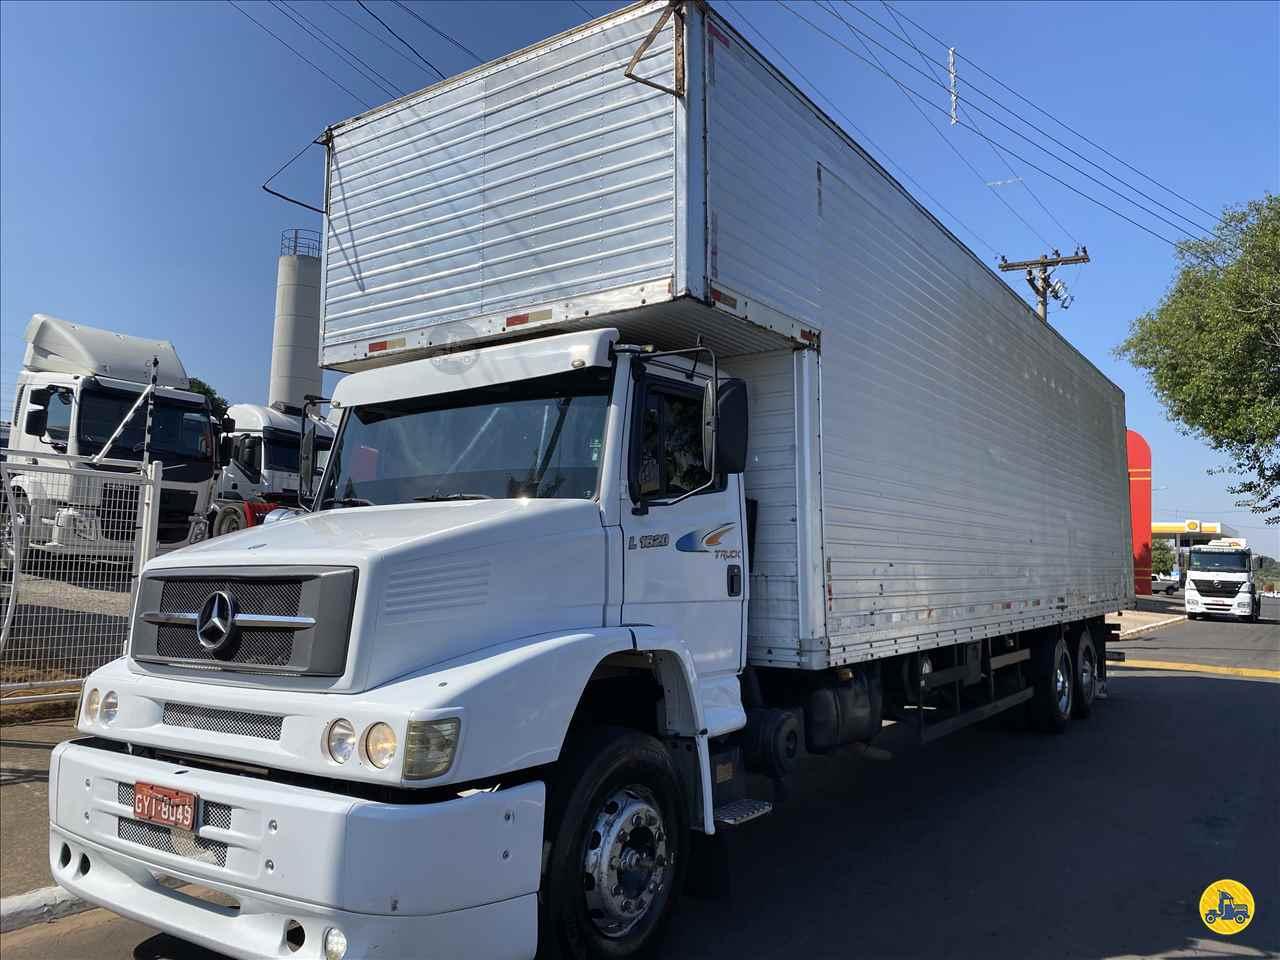 CAMINHAO MERCEDES-BENZ MB 1620 Cavalo Mecânico Truck 6x2 Beto Caminhões Piracicaba AMERICANA SÃO PAULO SP